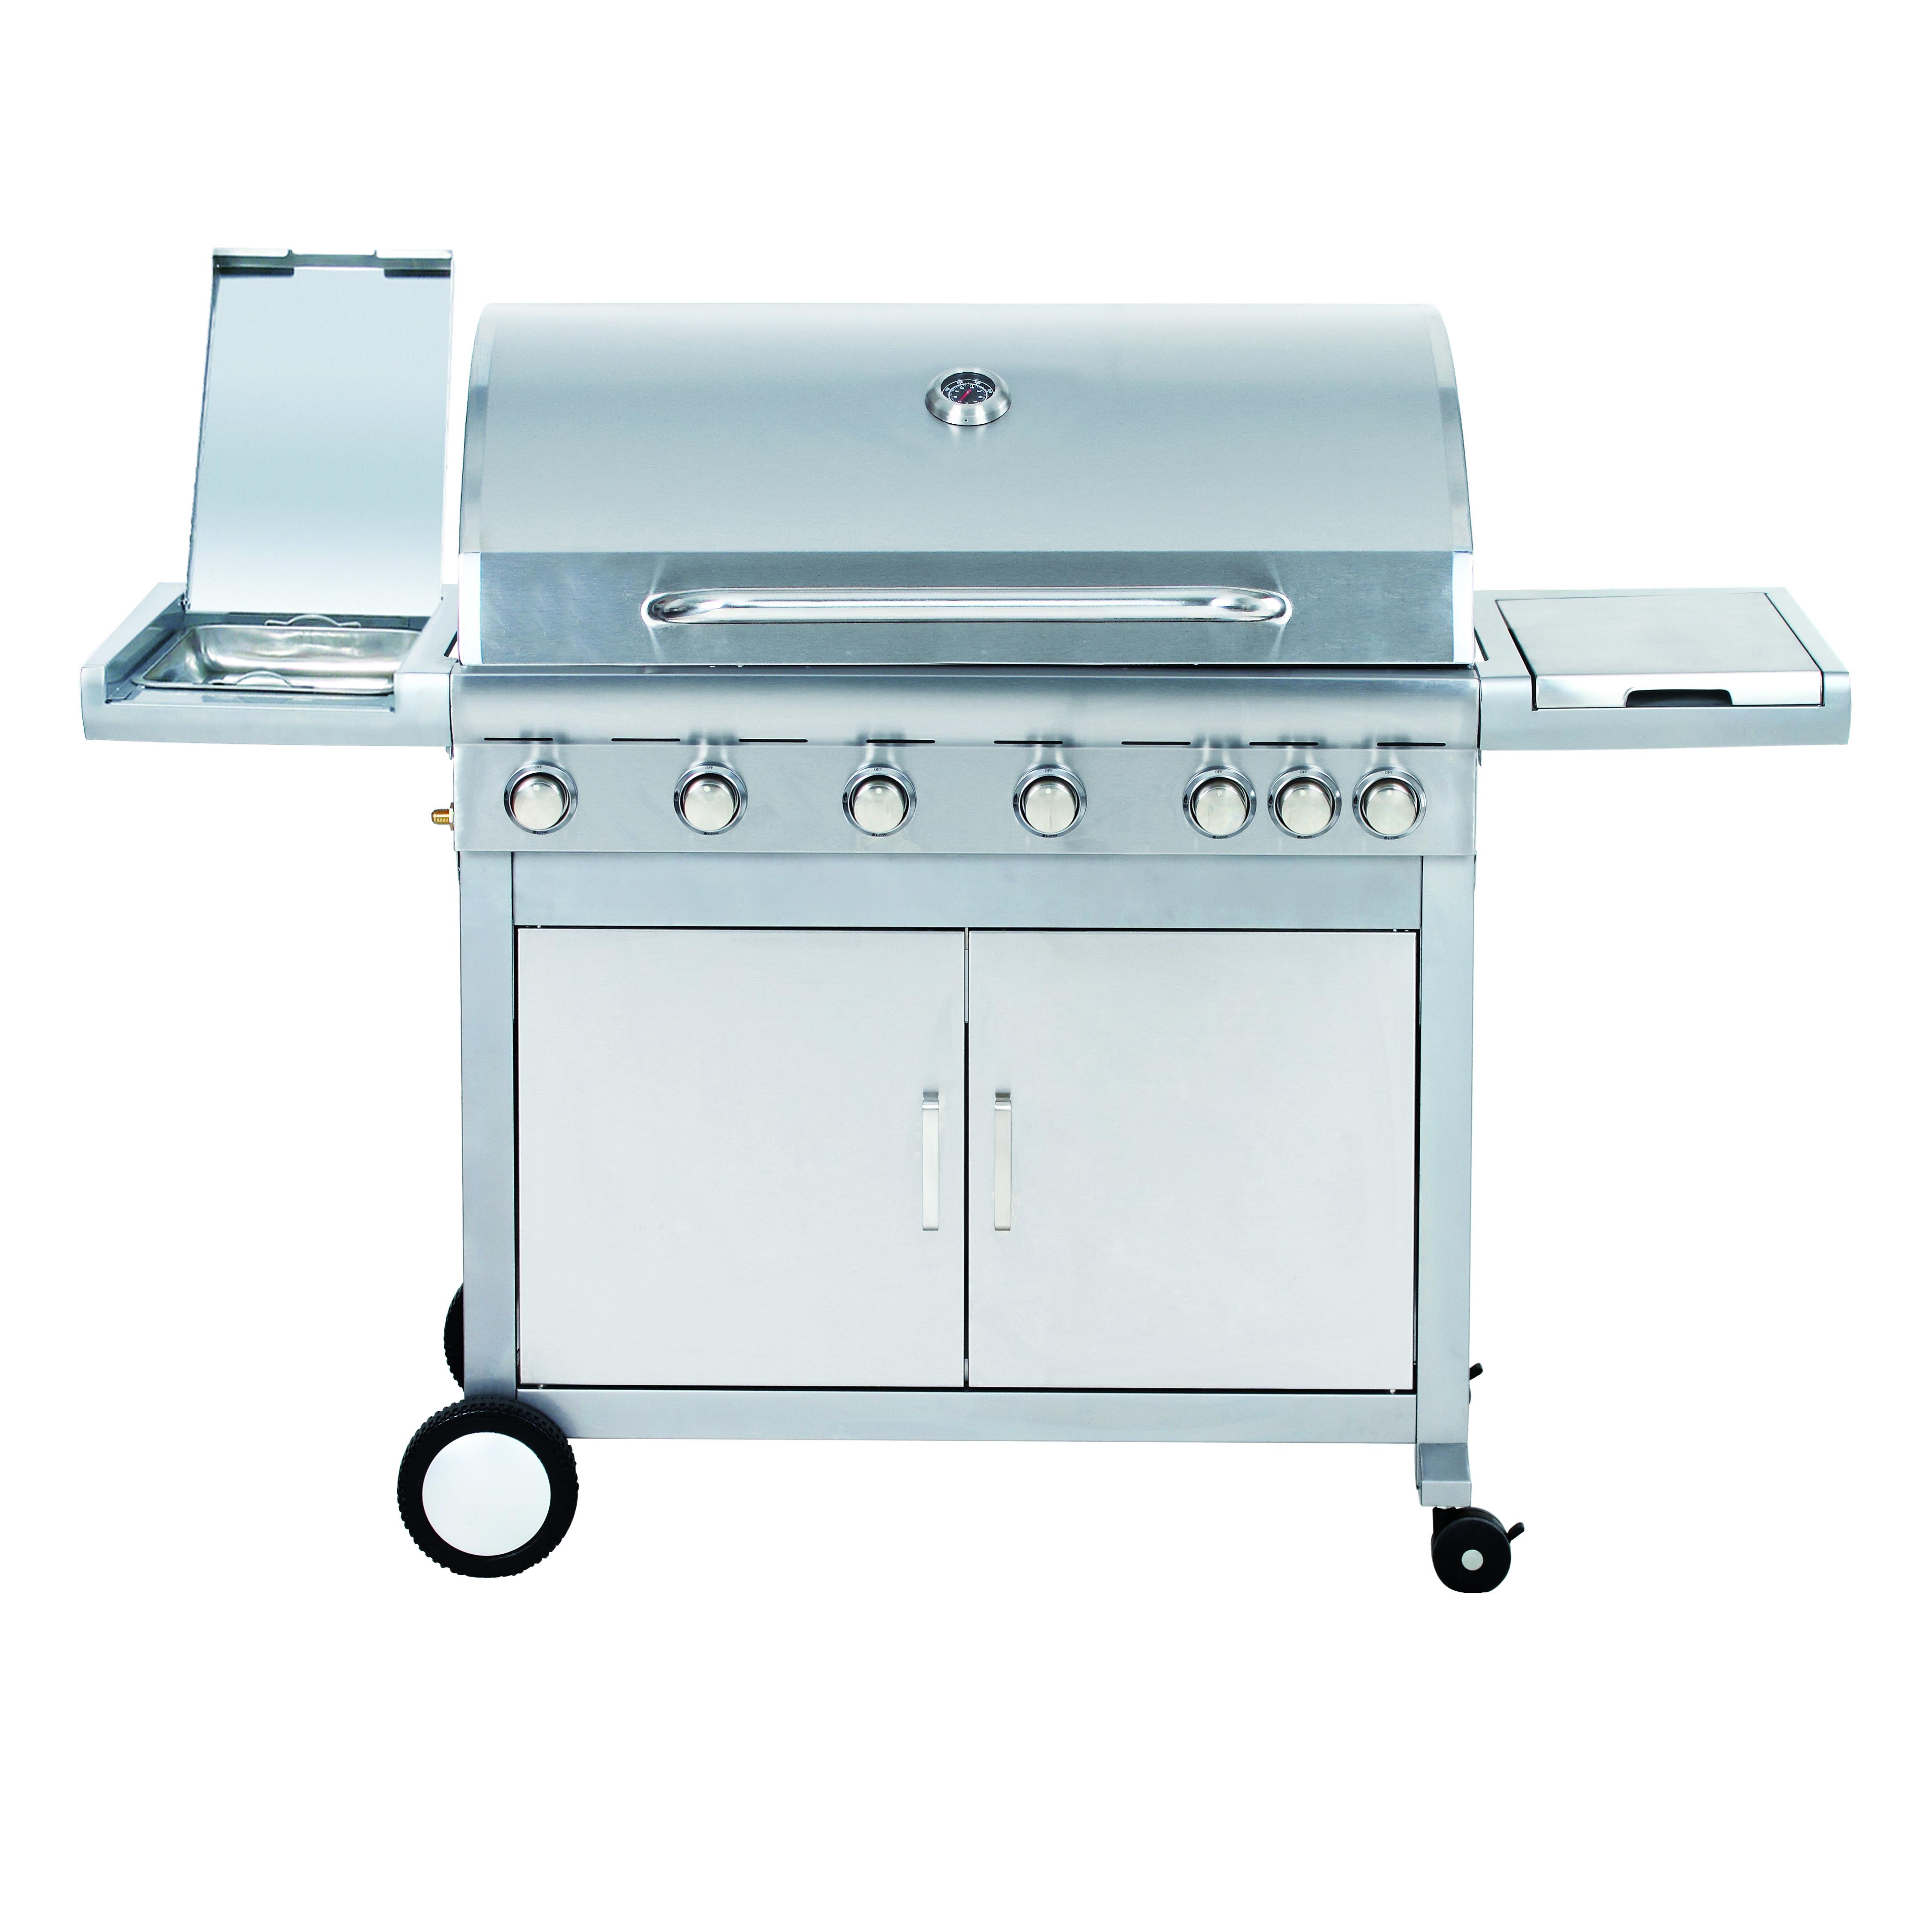 Plynový gril G21 Mexico BBQ Premium line, 7 hořáků + zdarma redukční ventil + doprava zdarma